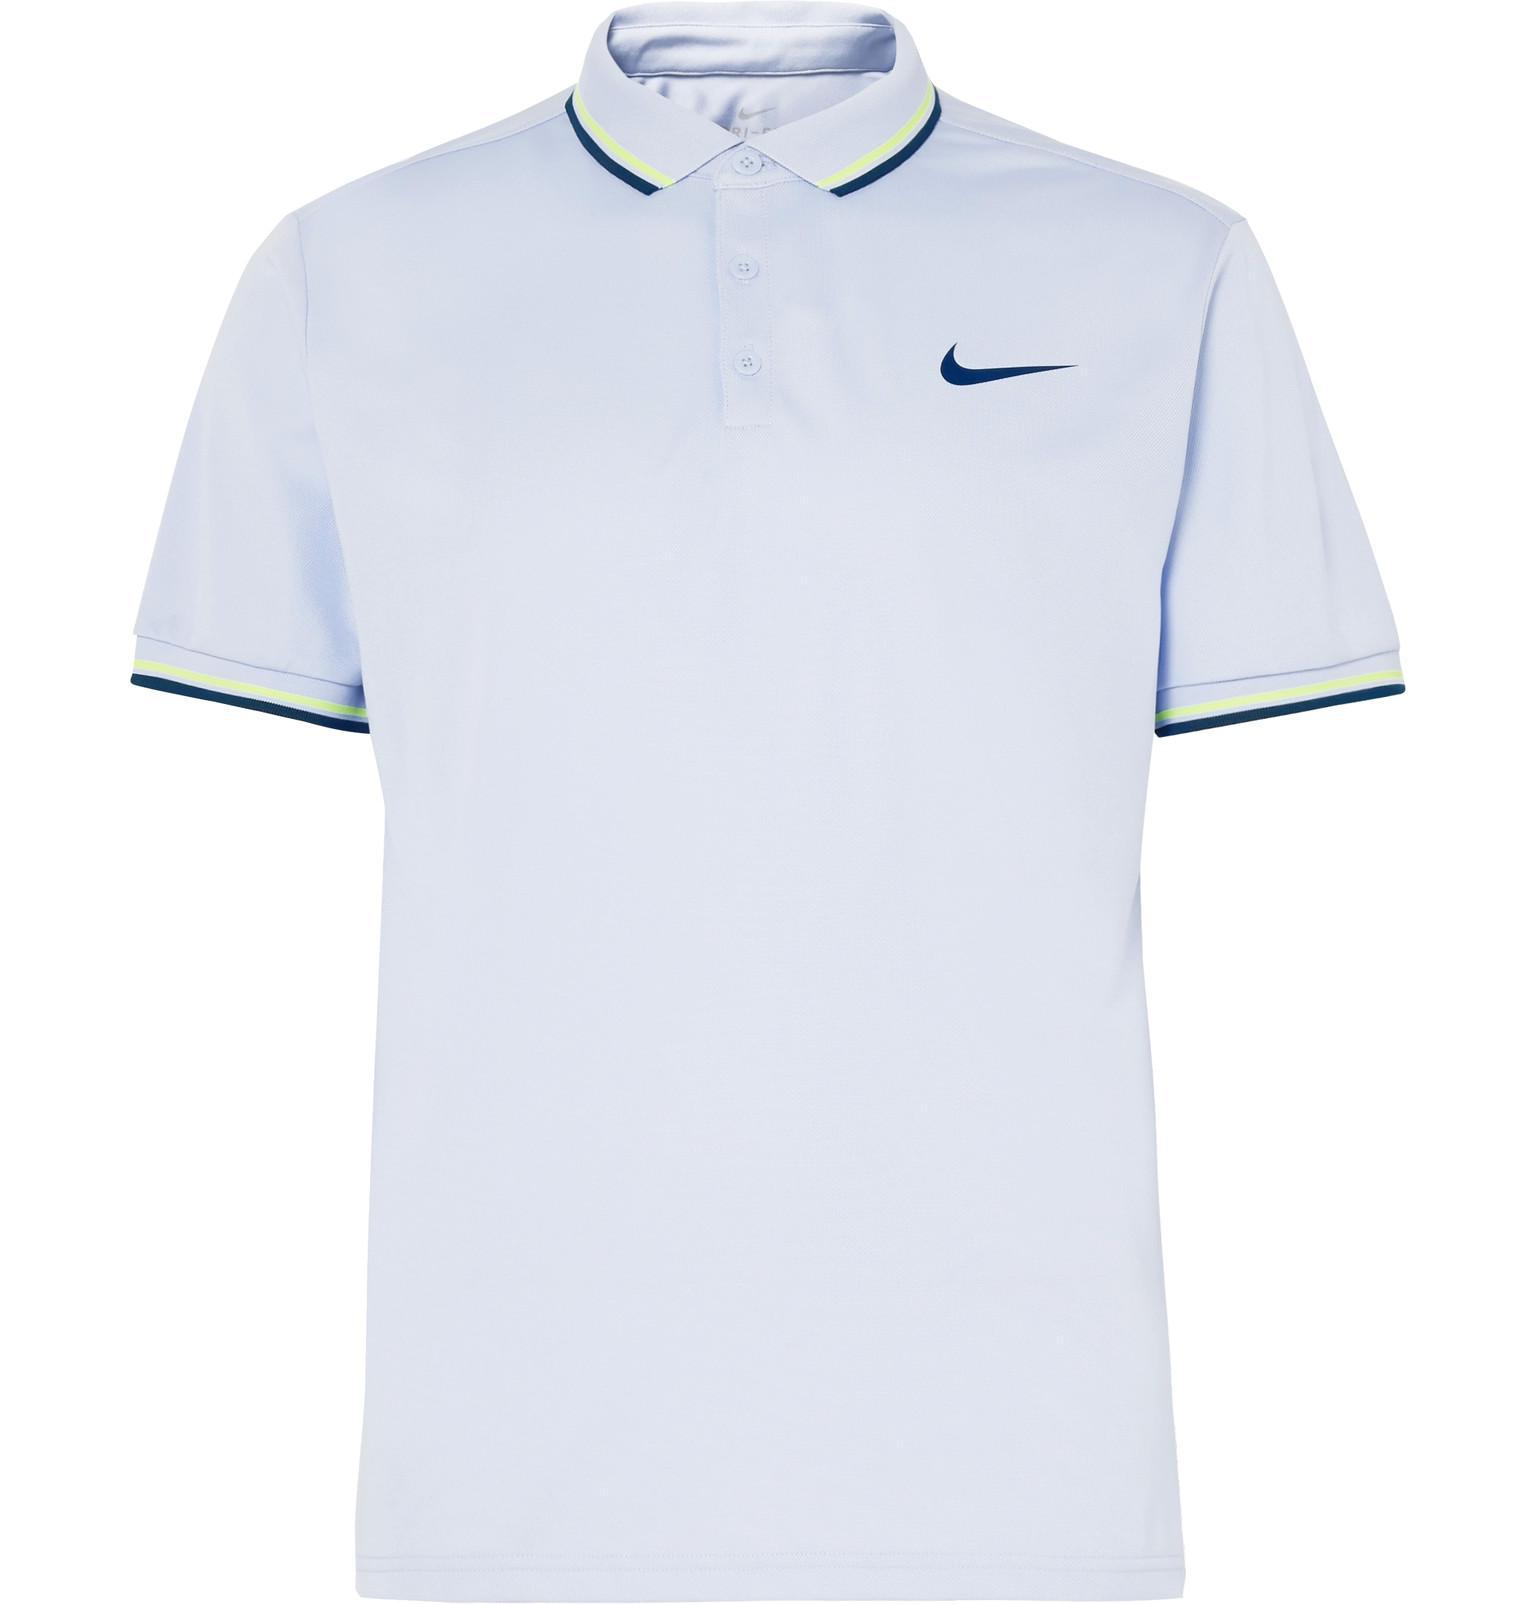 Nike Dri Fit Tennis Polo Shirt Joe Maloy